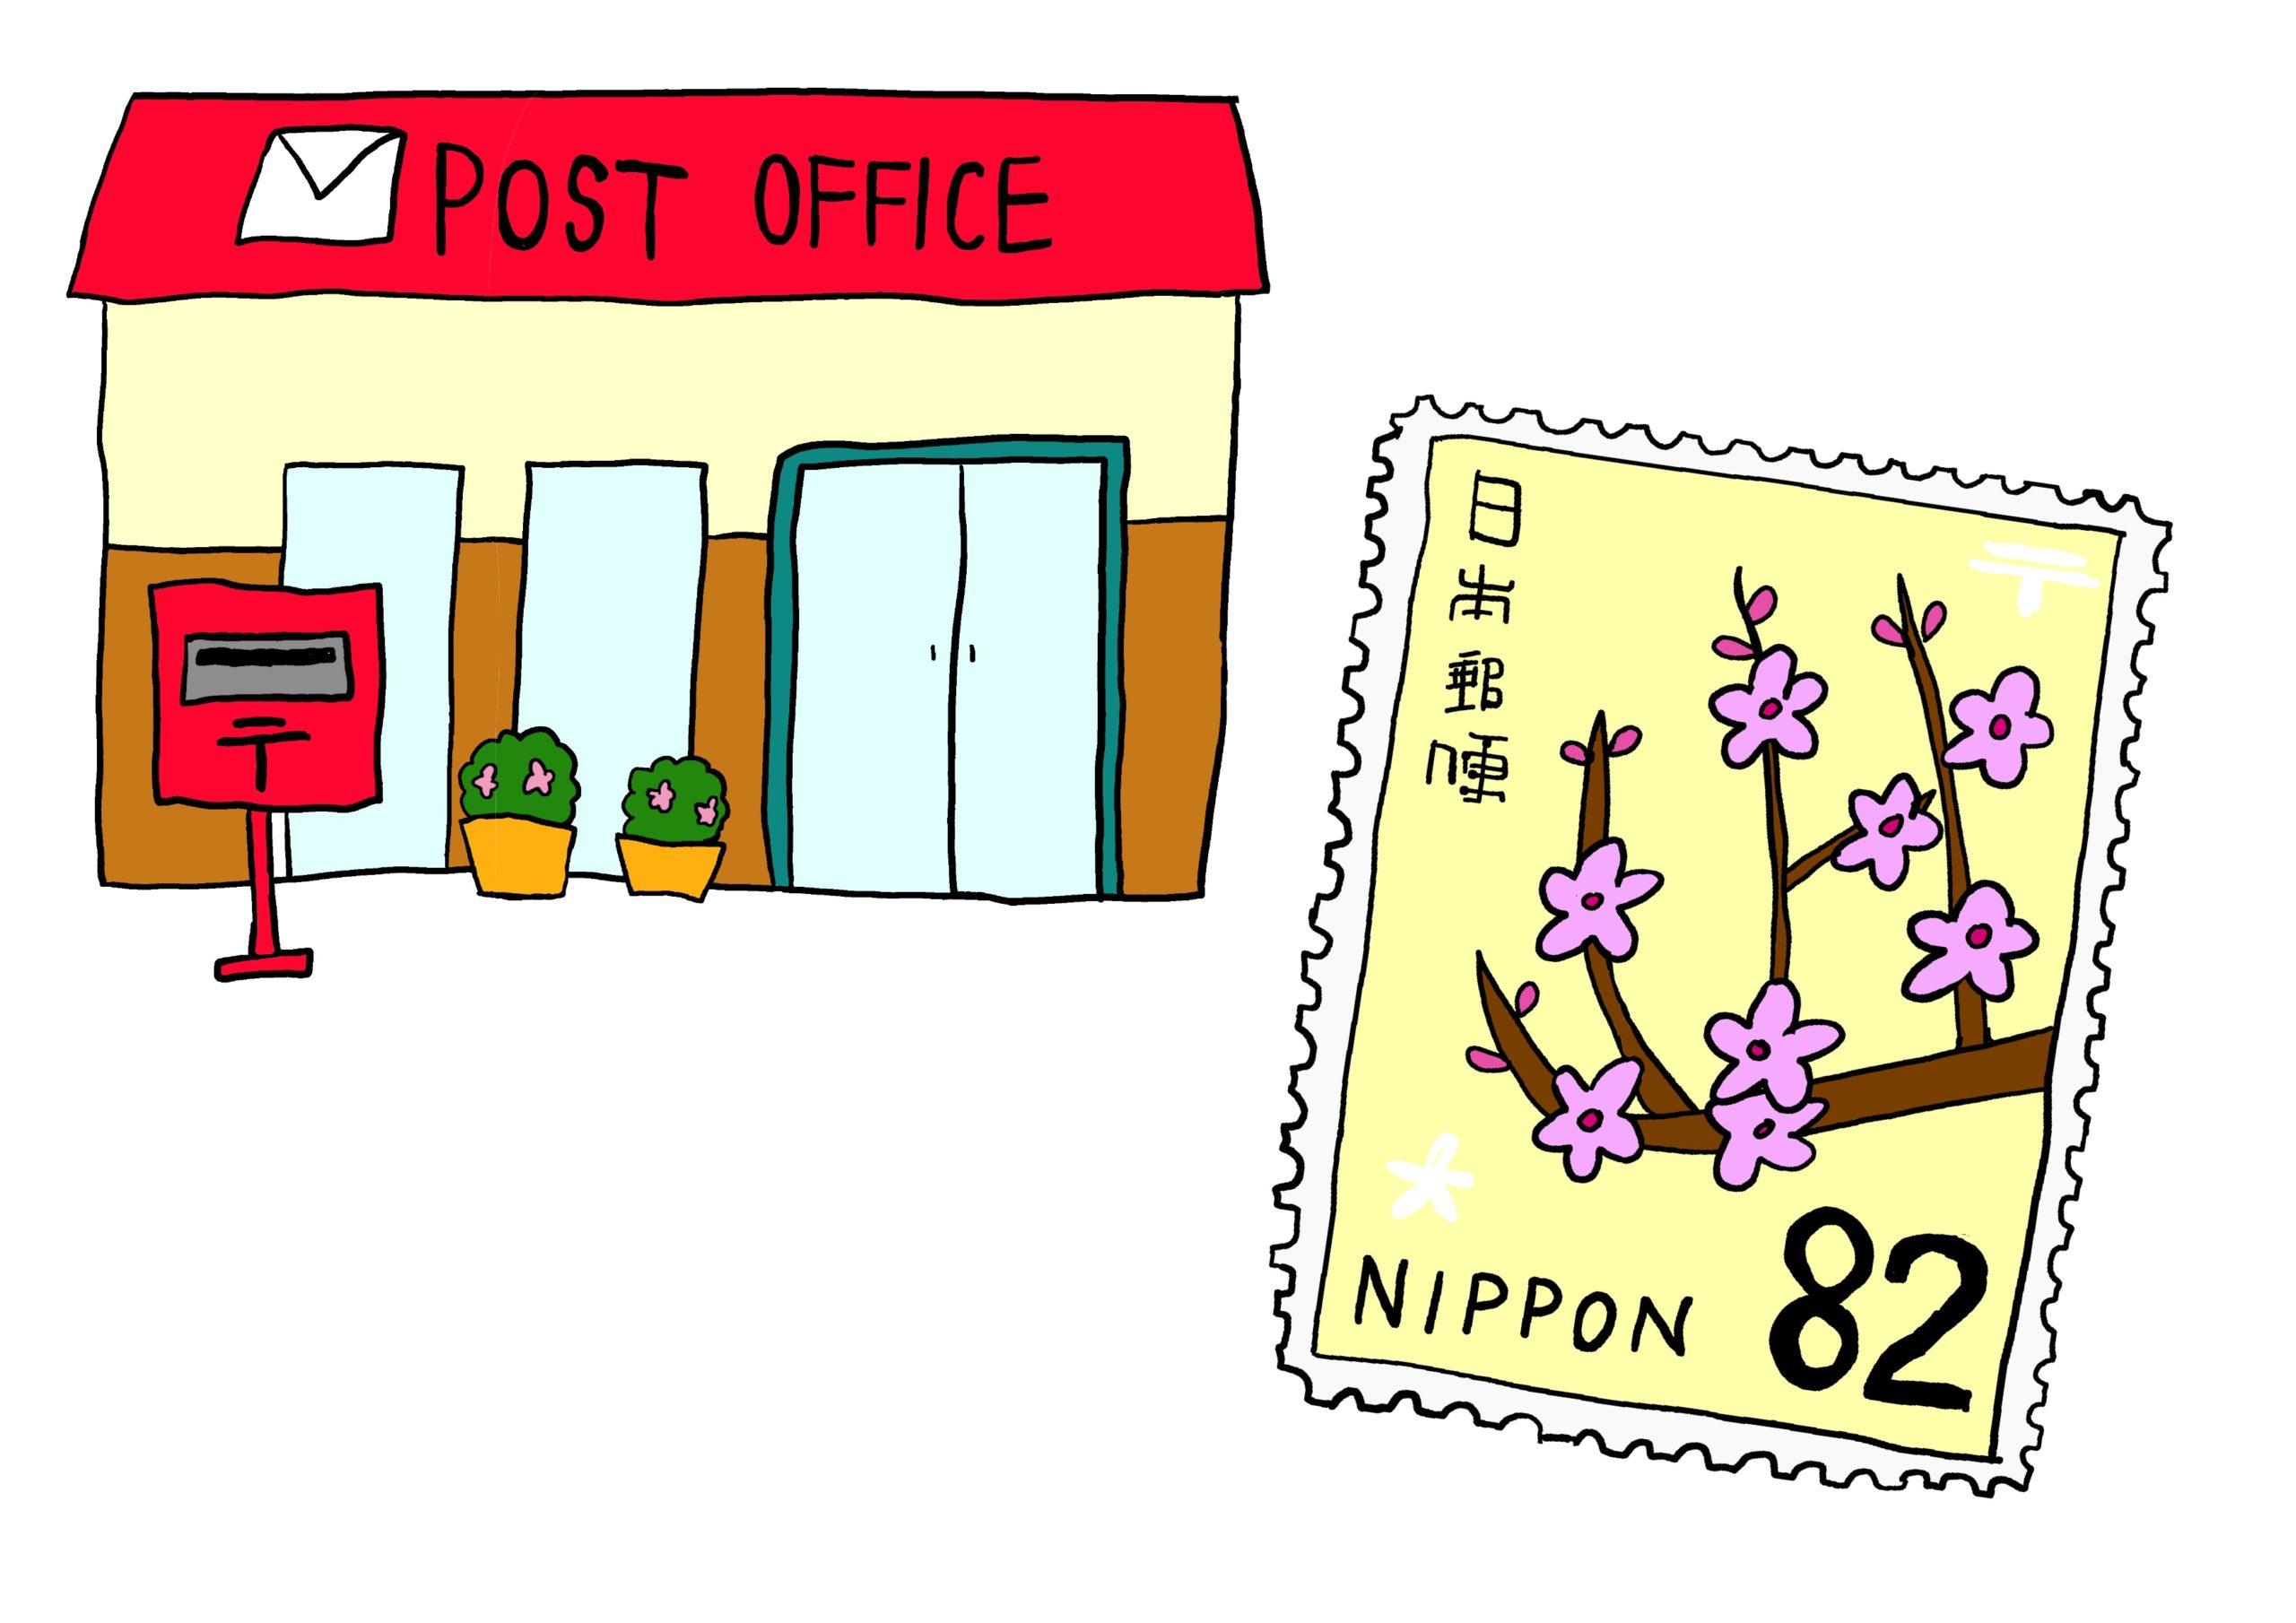 13課イラスト【郵便局で切手を買う】